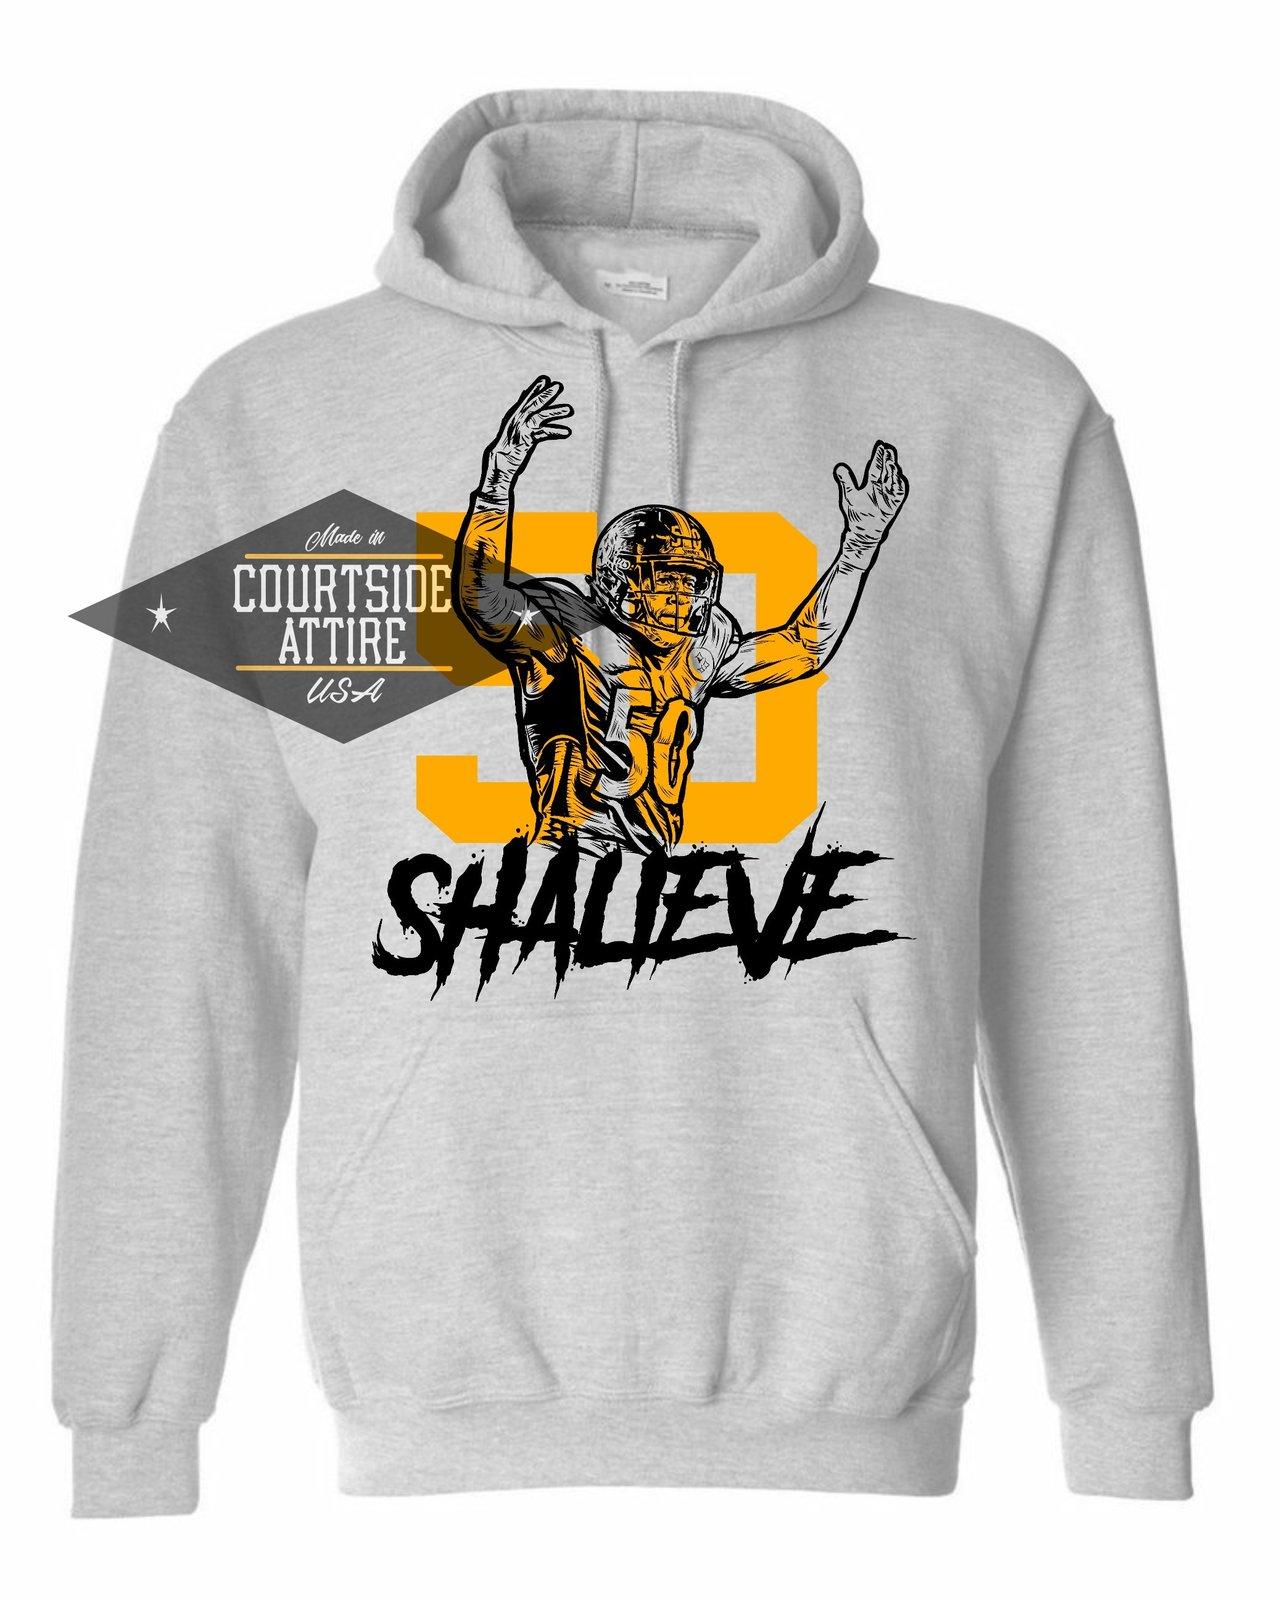 5d9967082 Youth Ryan Shazier SHALIEVE Hoodie and 50 similar items. Shalievehood  0010260e e3dc 4f19 b1d0 87e0d73d121c